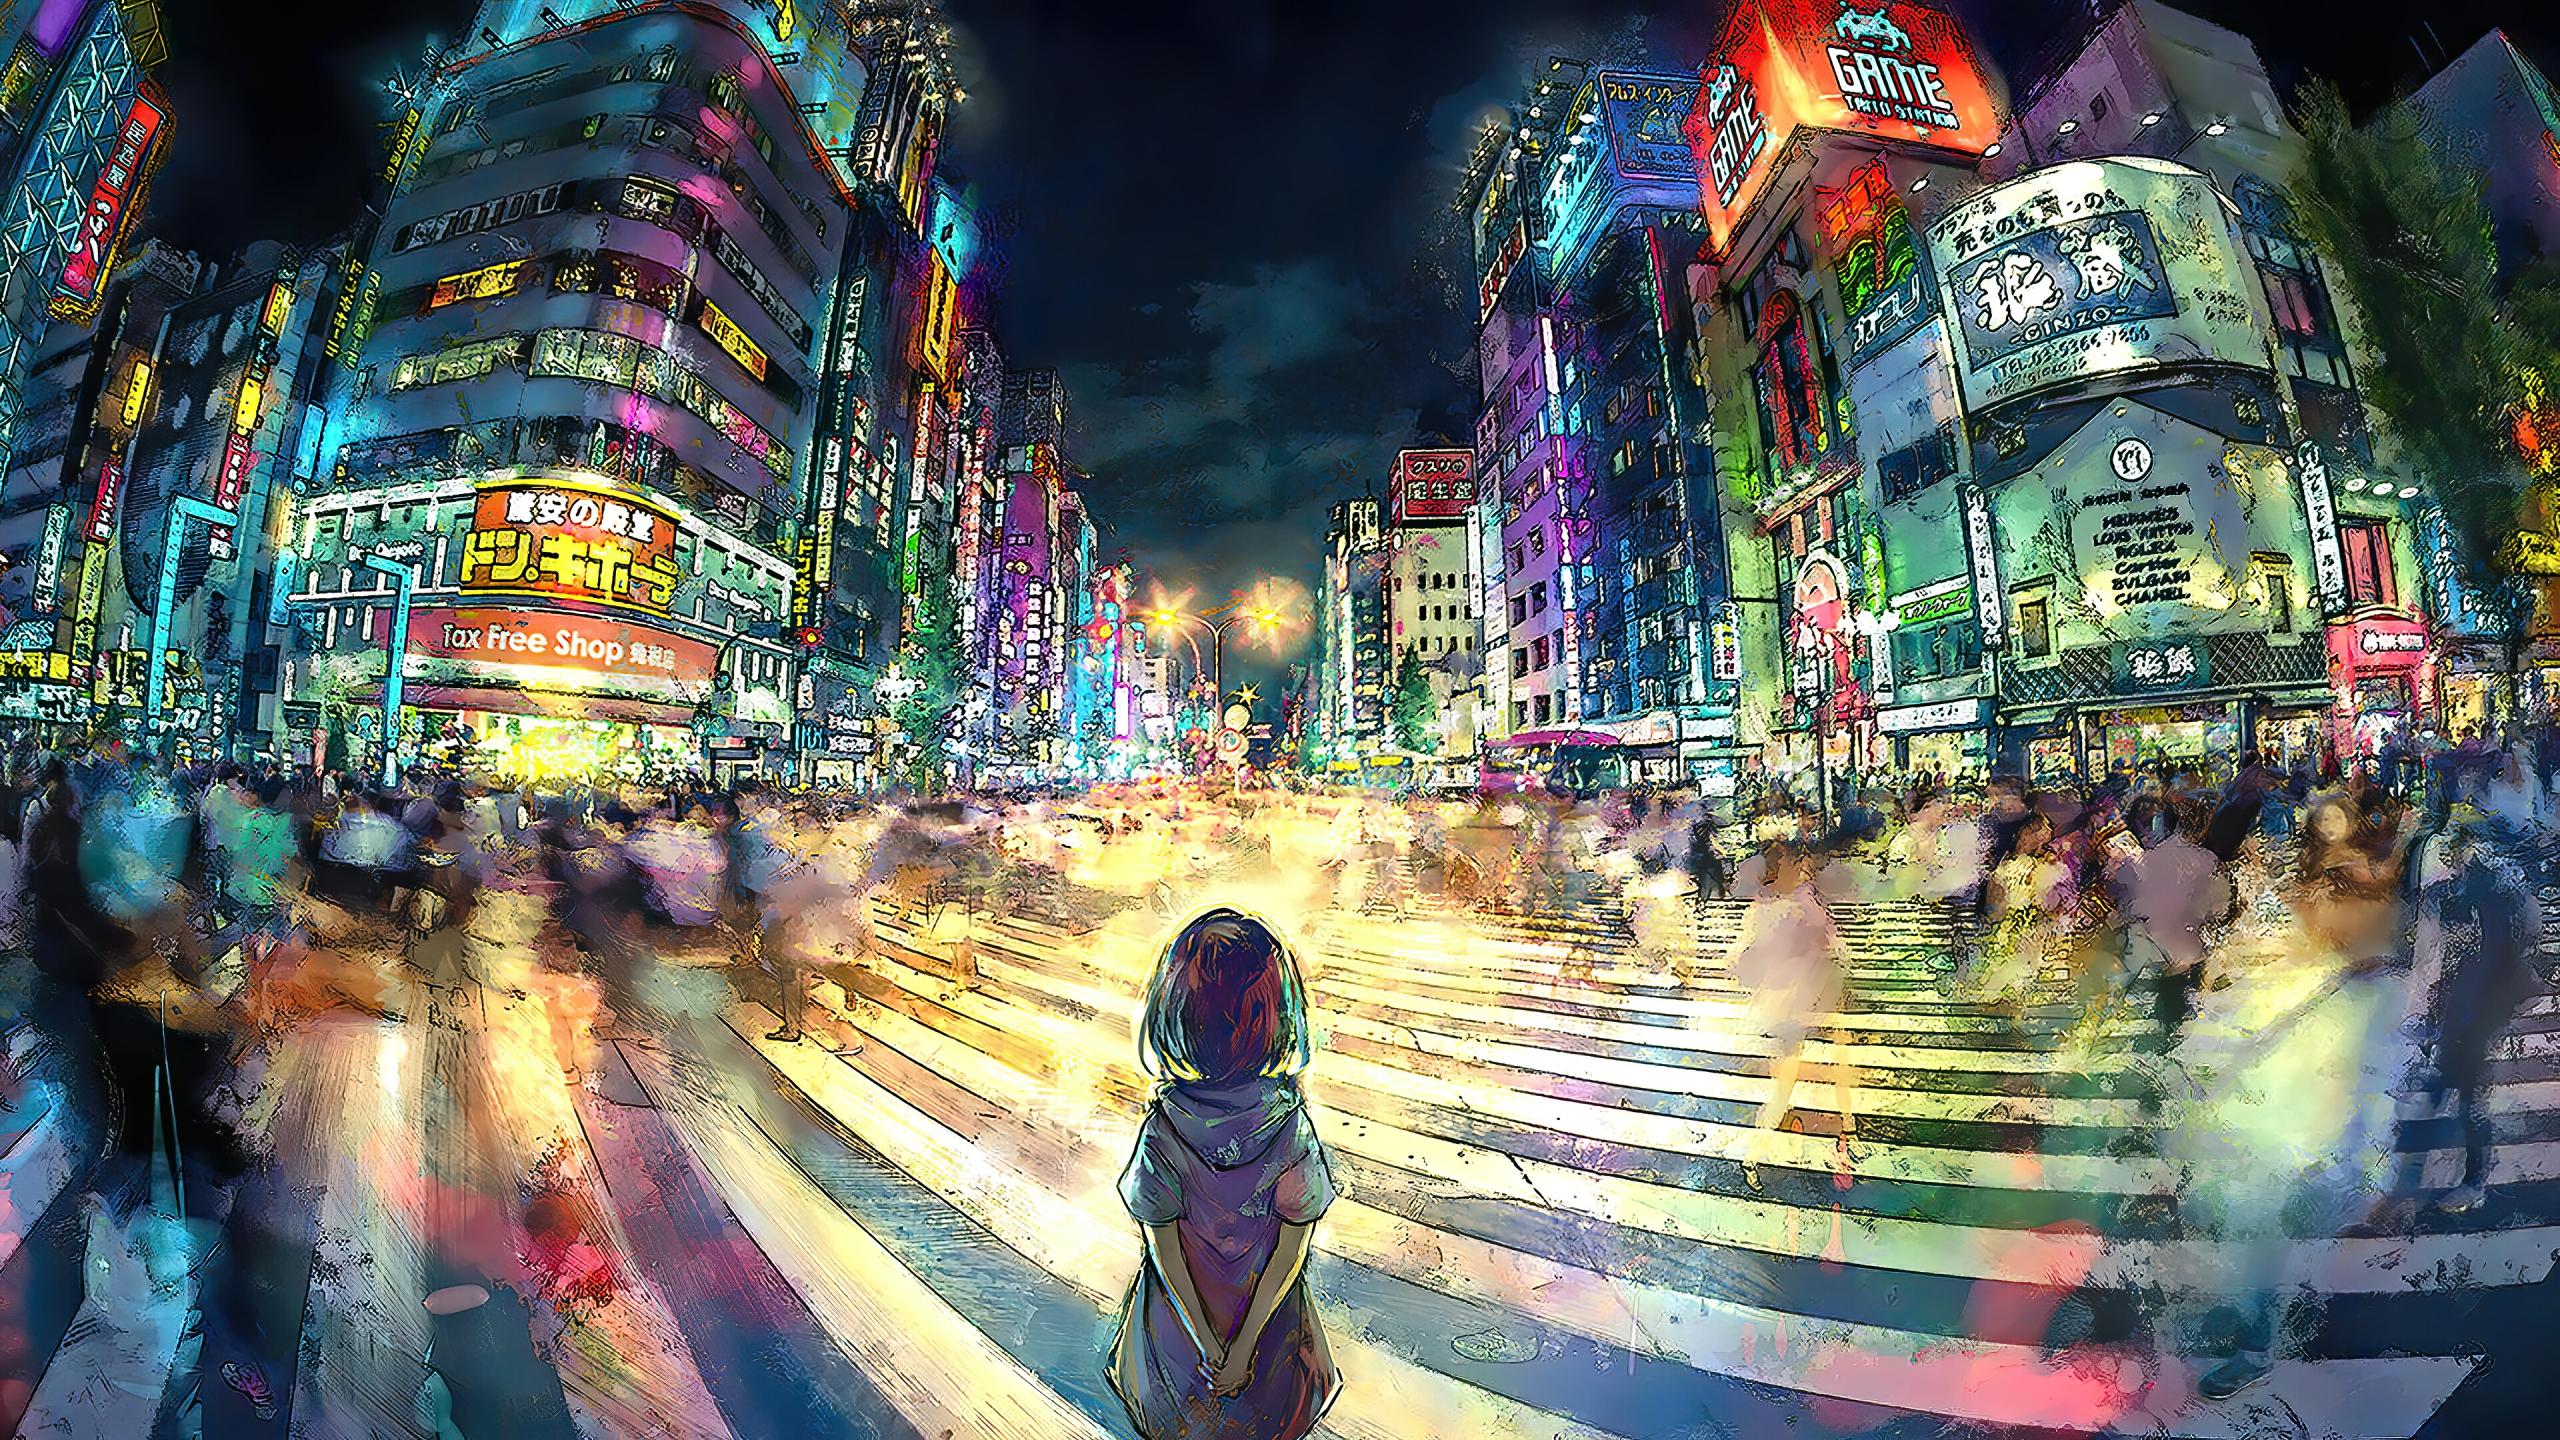 chica-anime-en-tokio-artwork_2560x1440_xtrafondos_com.jpg